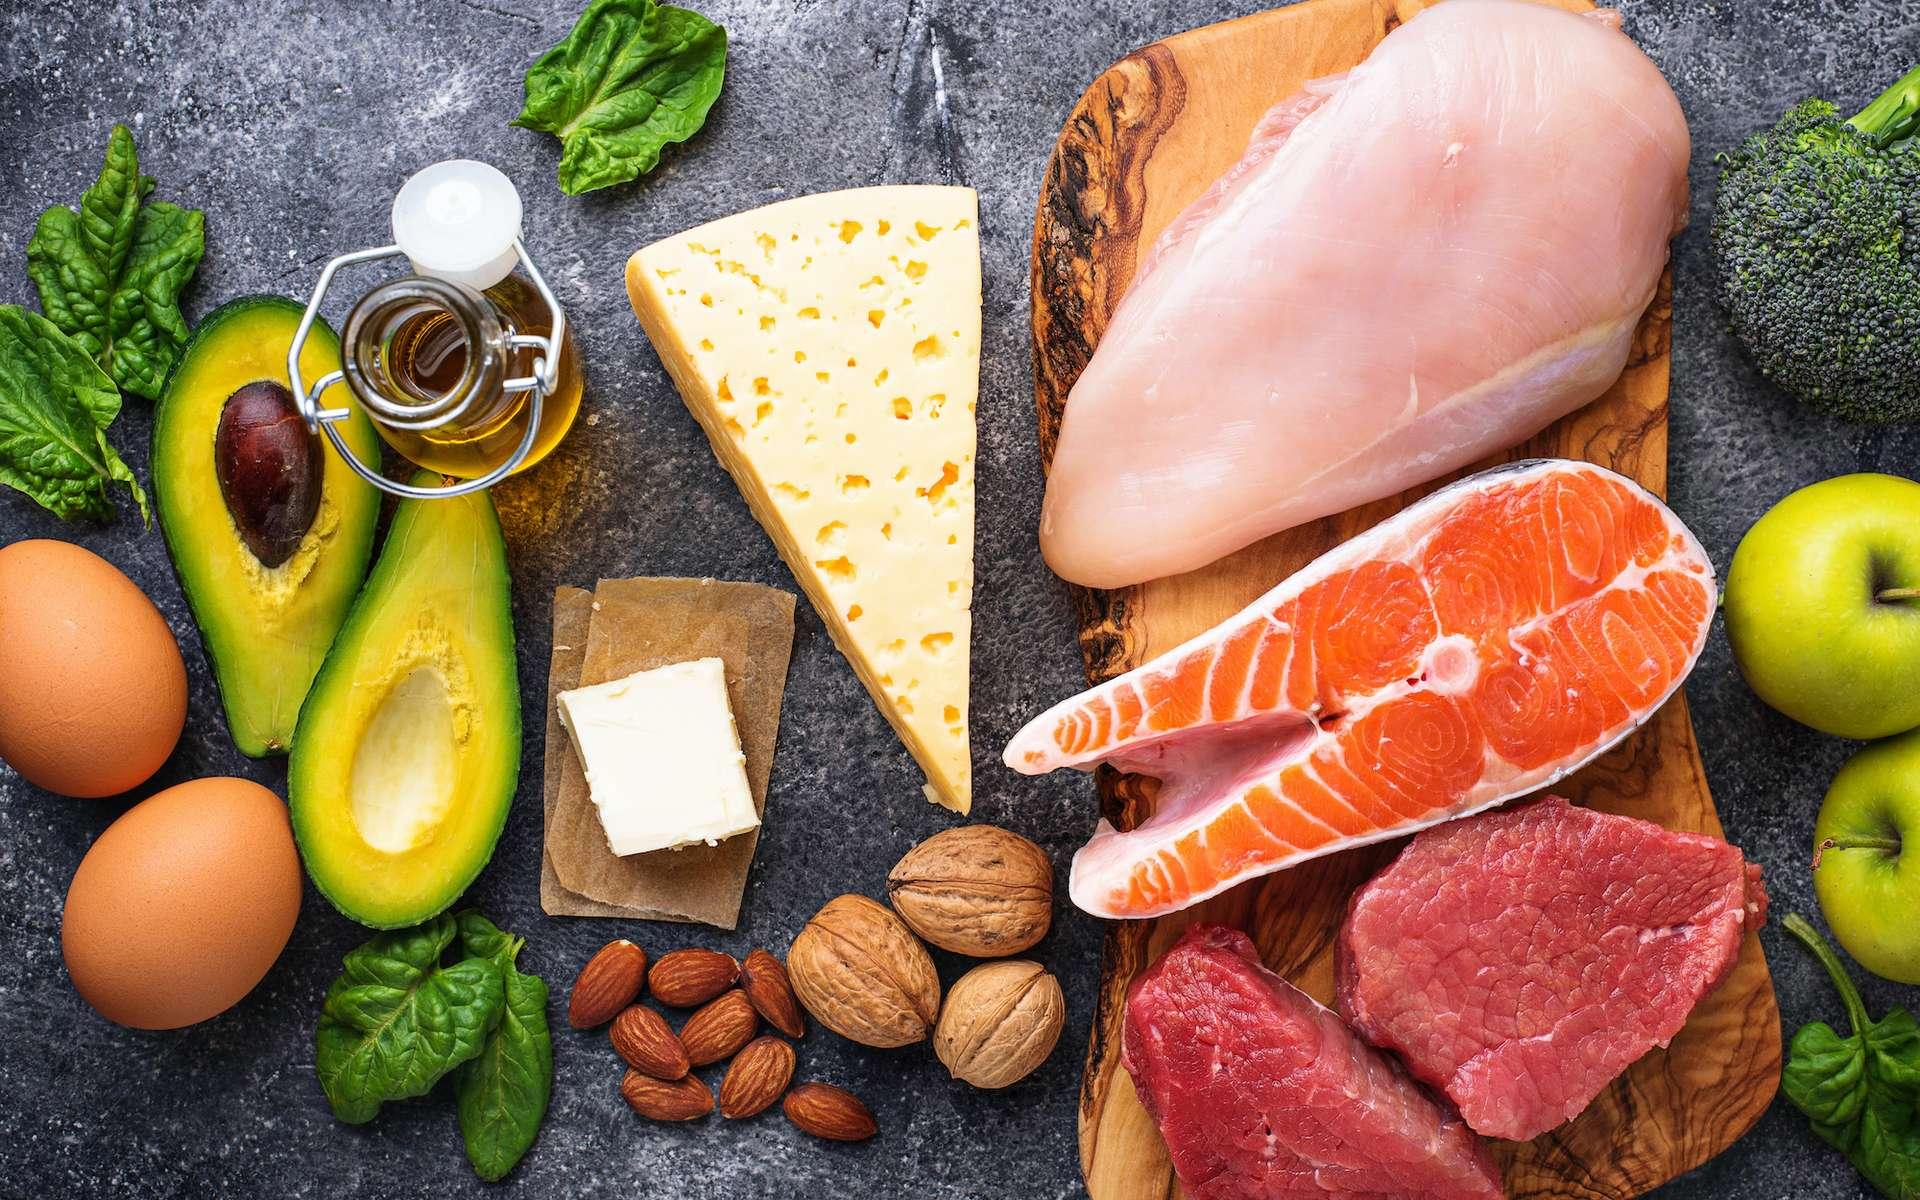 Les protéines doivent représenter entre 10% et 27% de l'apport énergétique total. © Yulia Furman, Adobe Stock